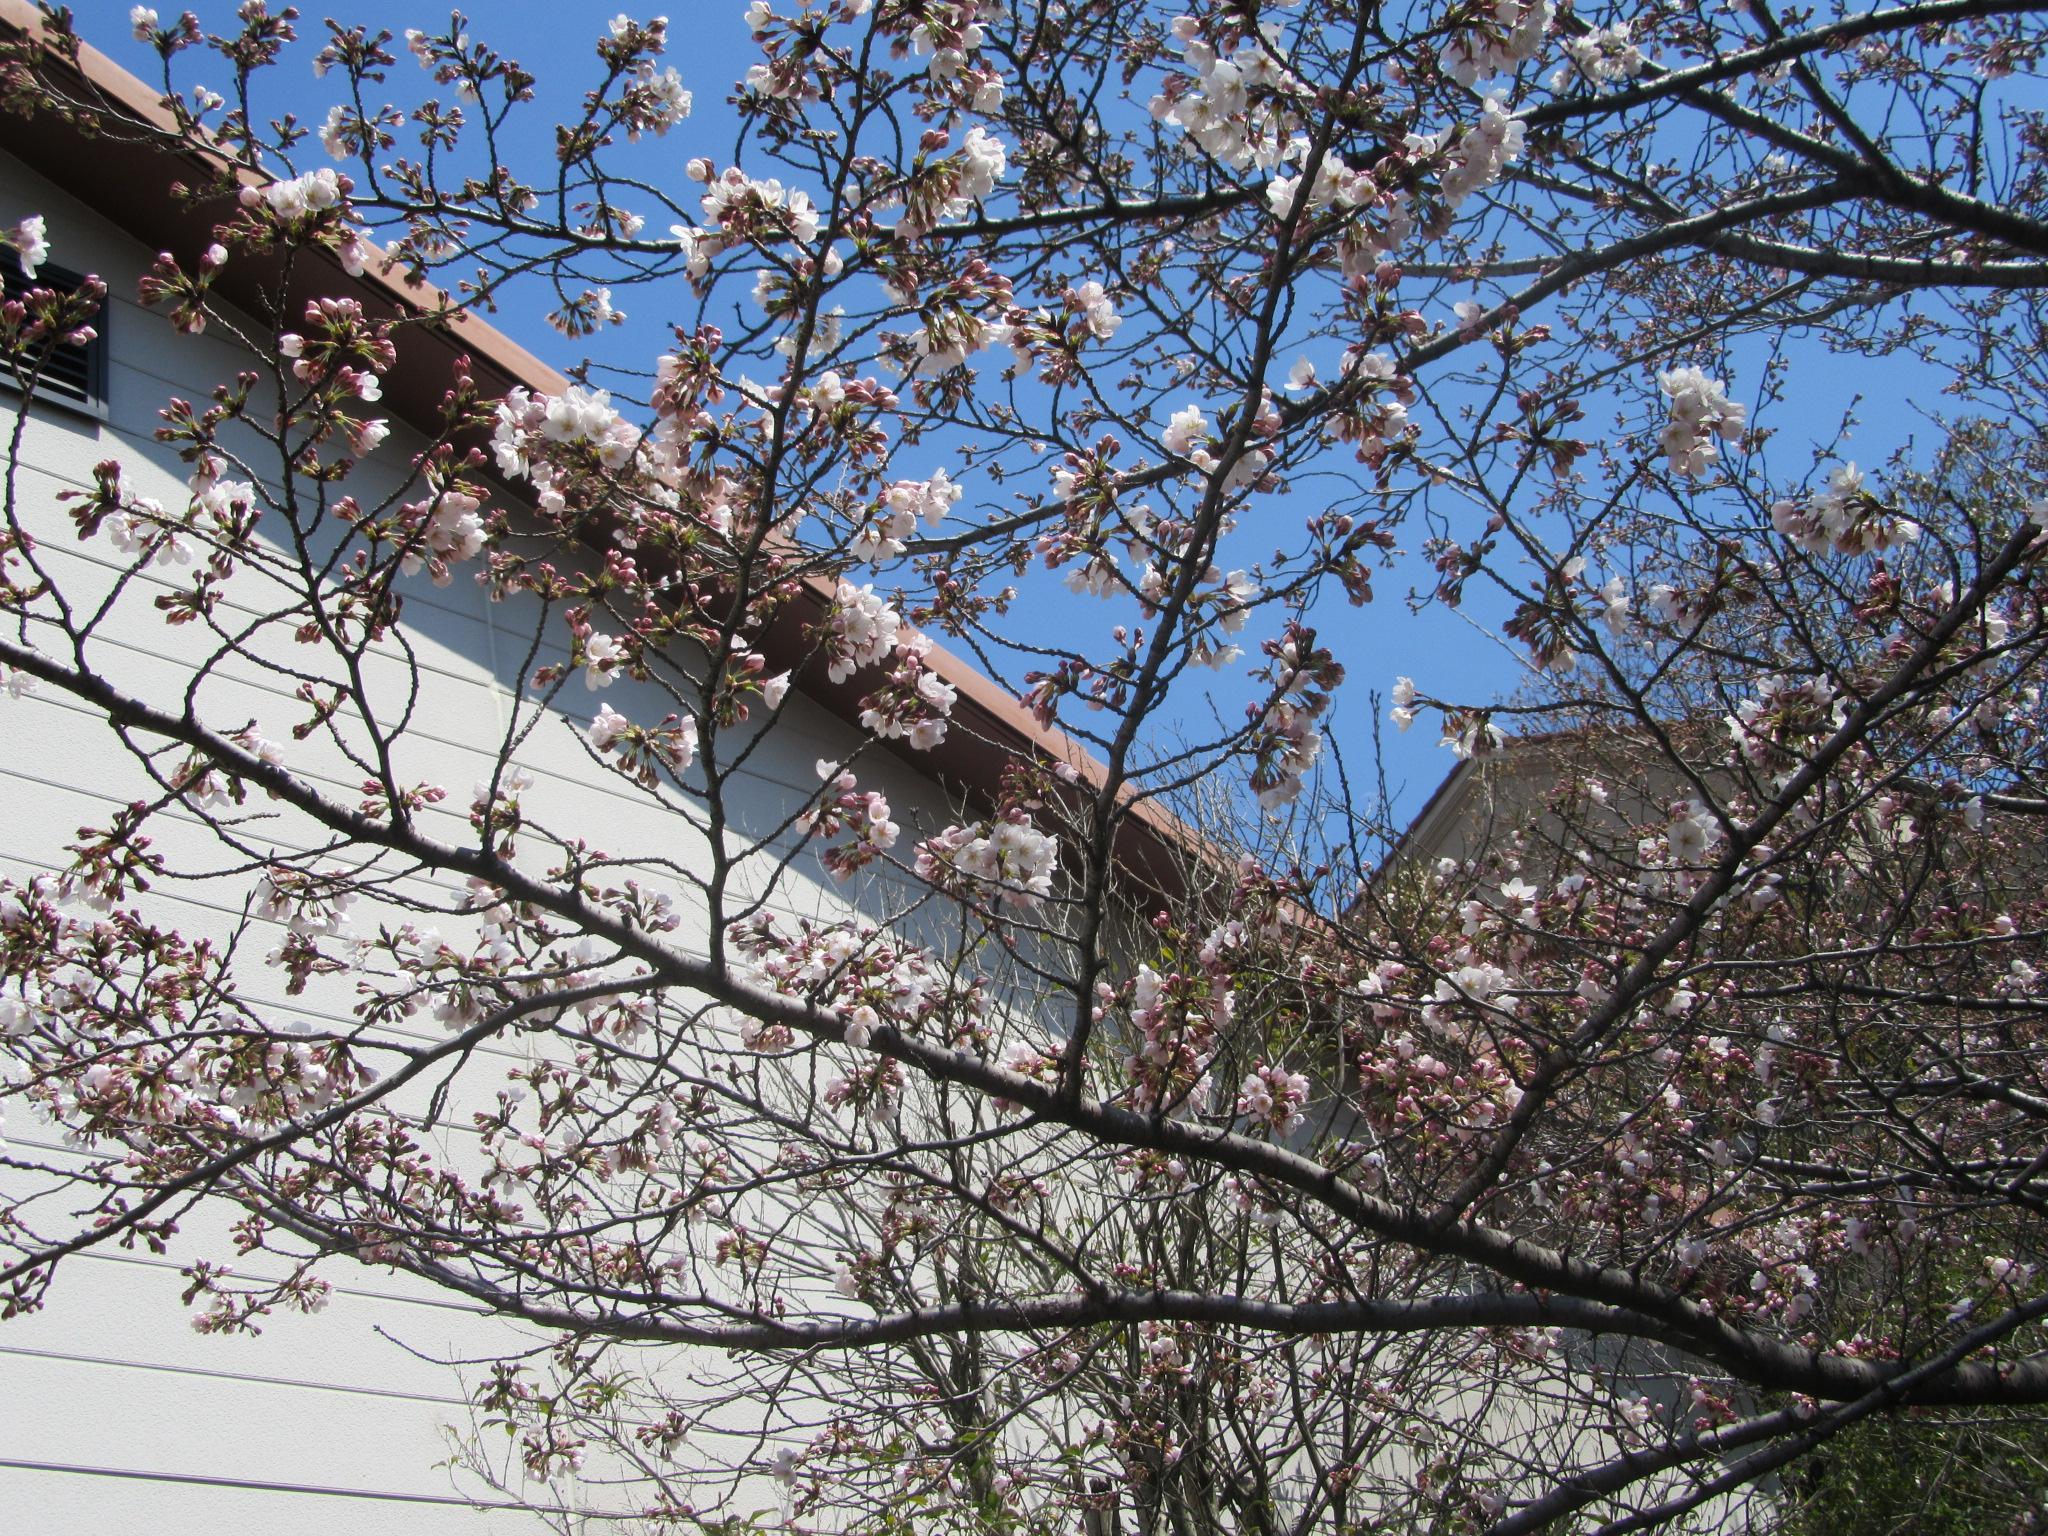 道場前の桜は三分咲き、的中は満開を目指します